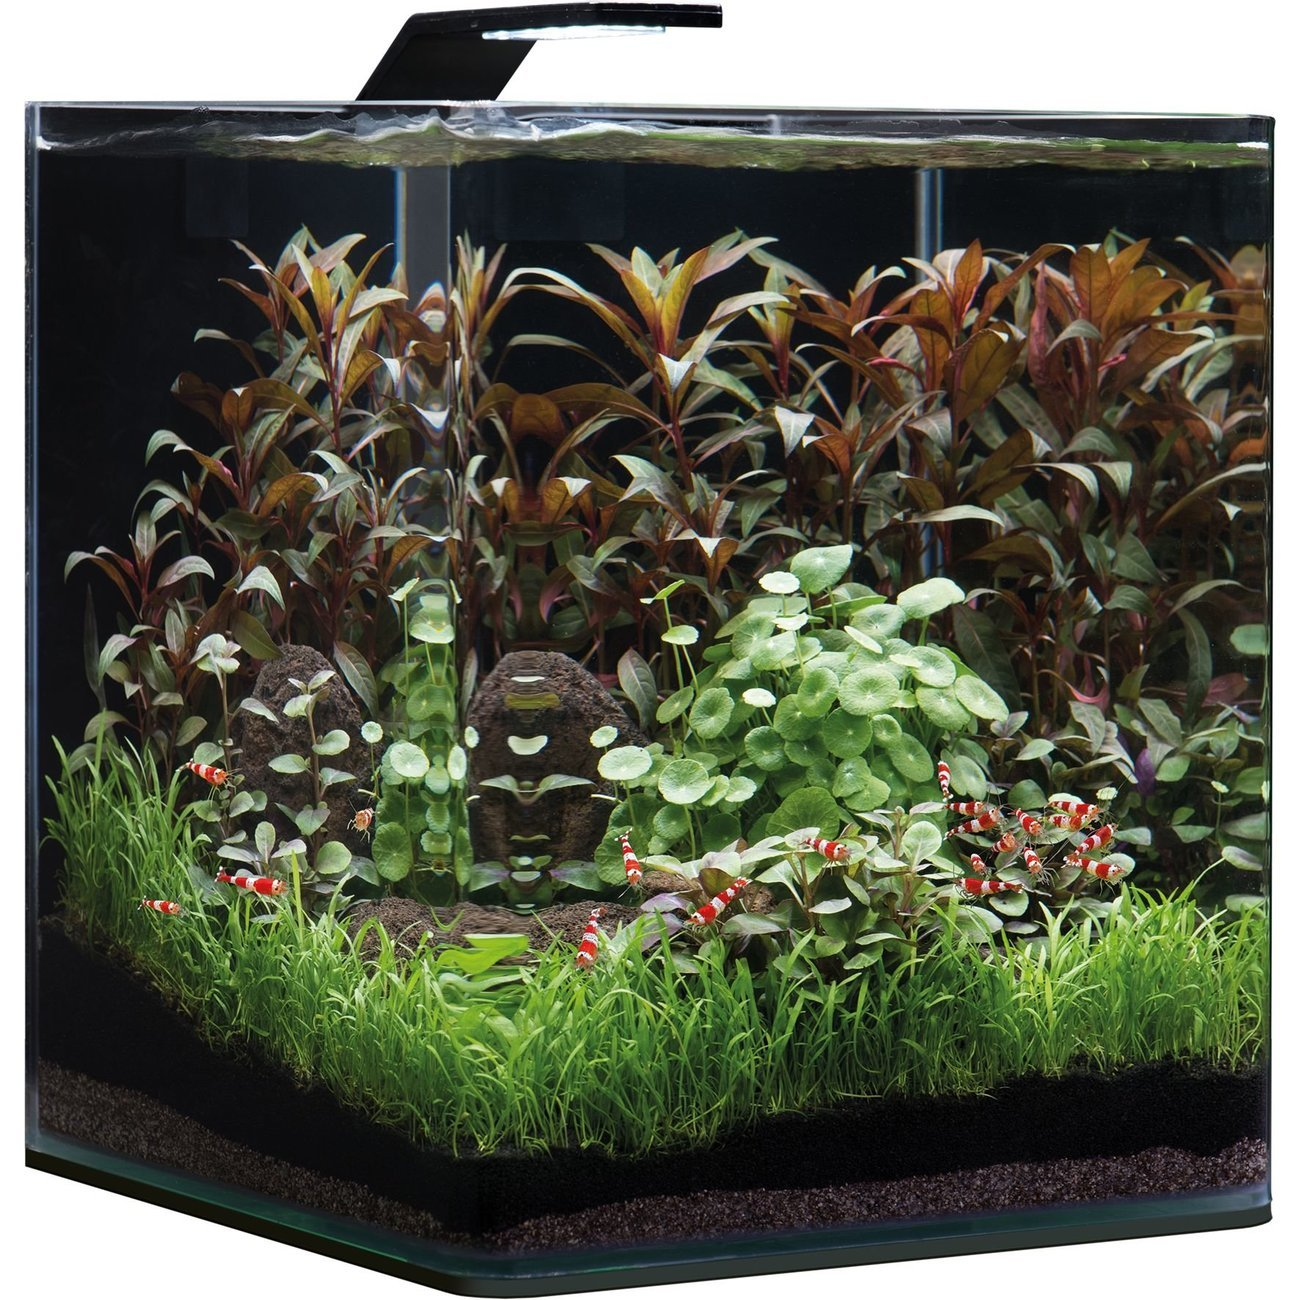 Dennerle NanoCube Basic Style LED Aquarium Bild 6